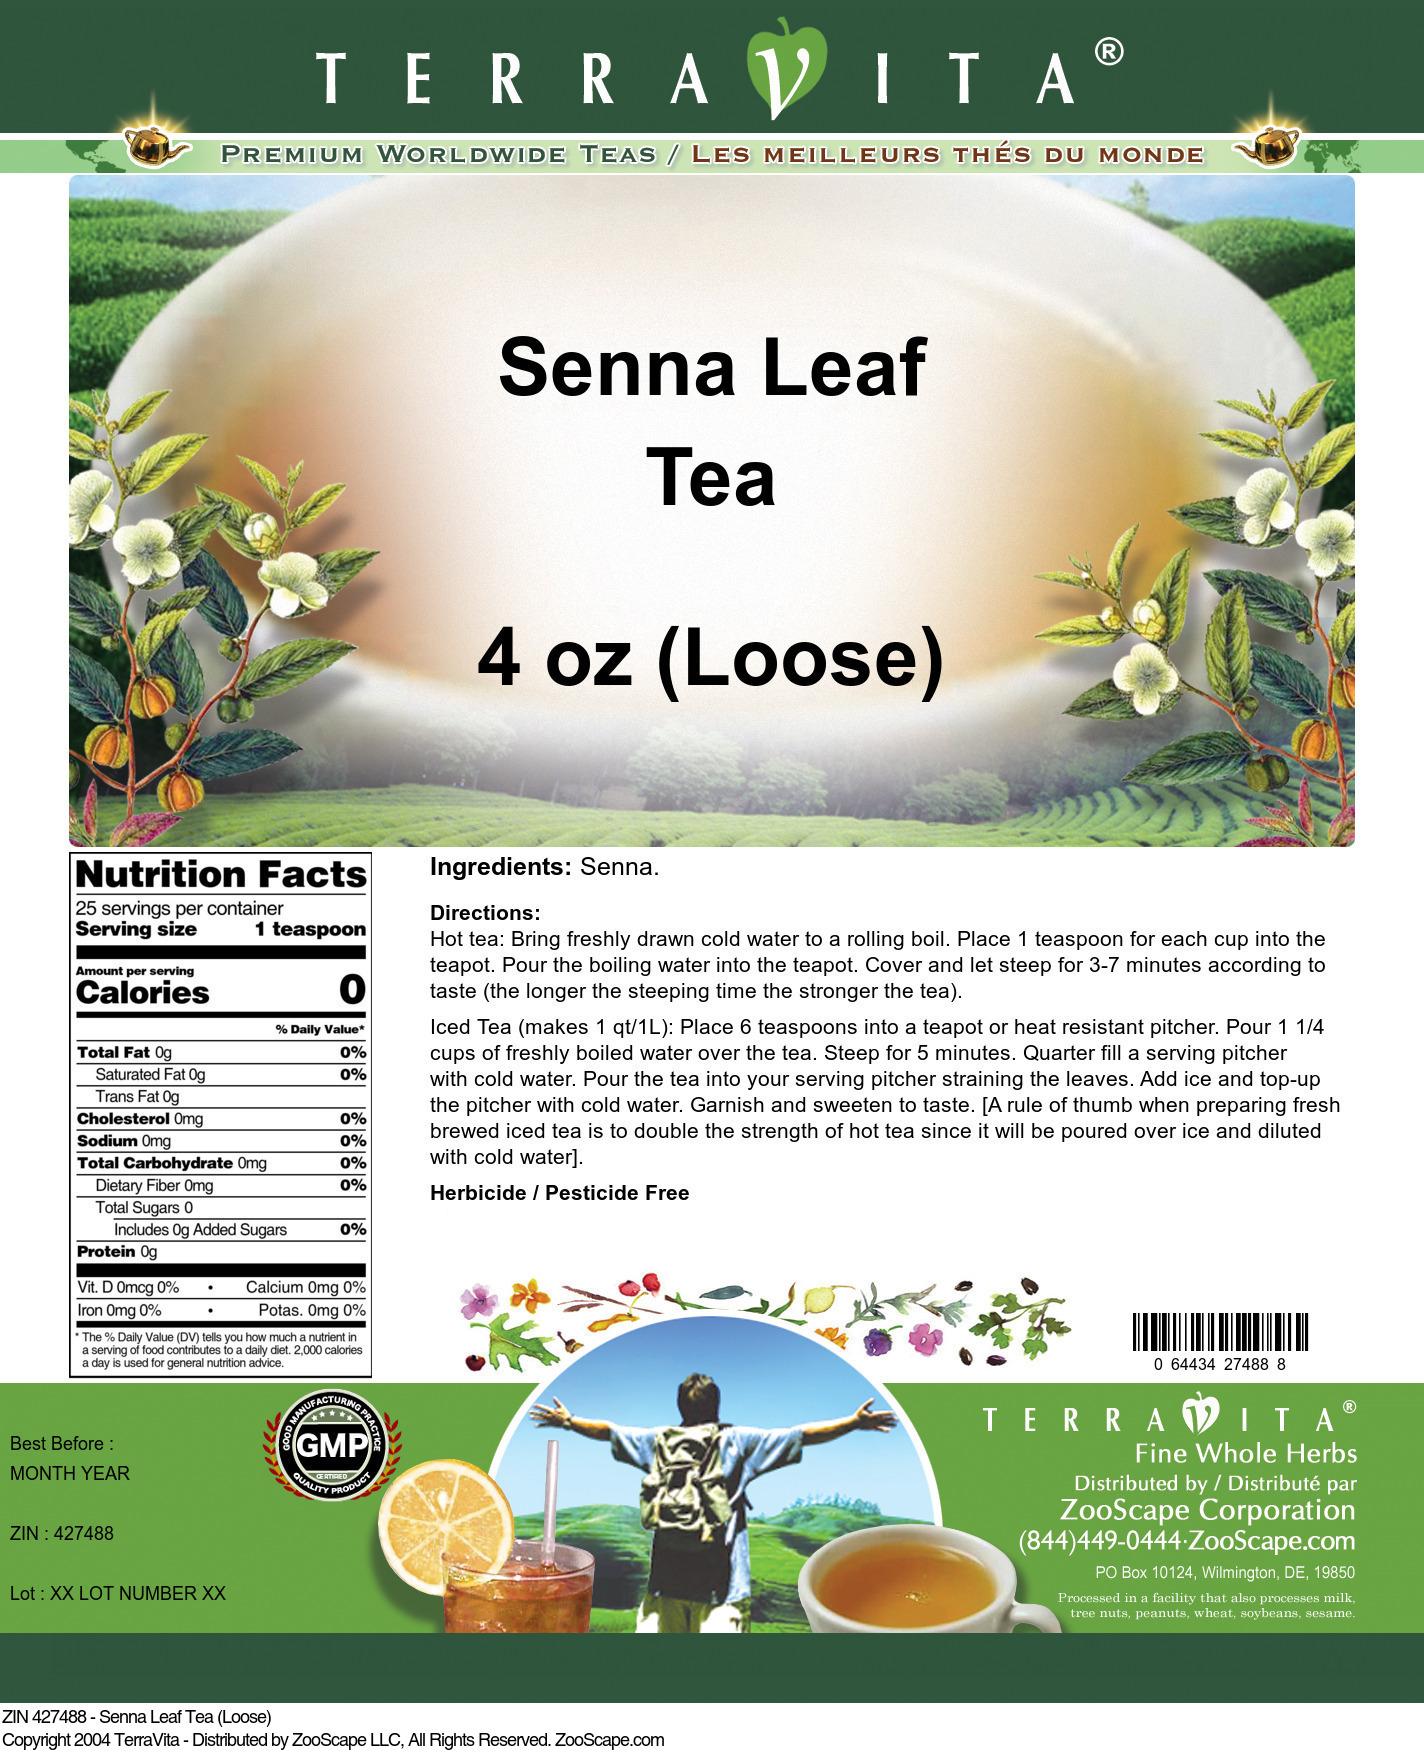 Senna Leaf Tea (Loose)